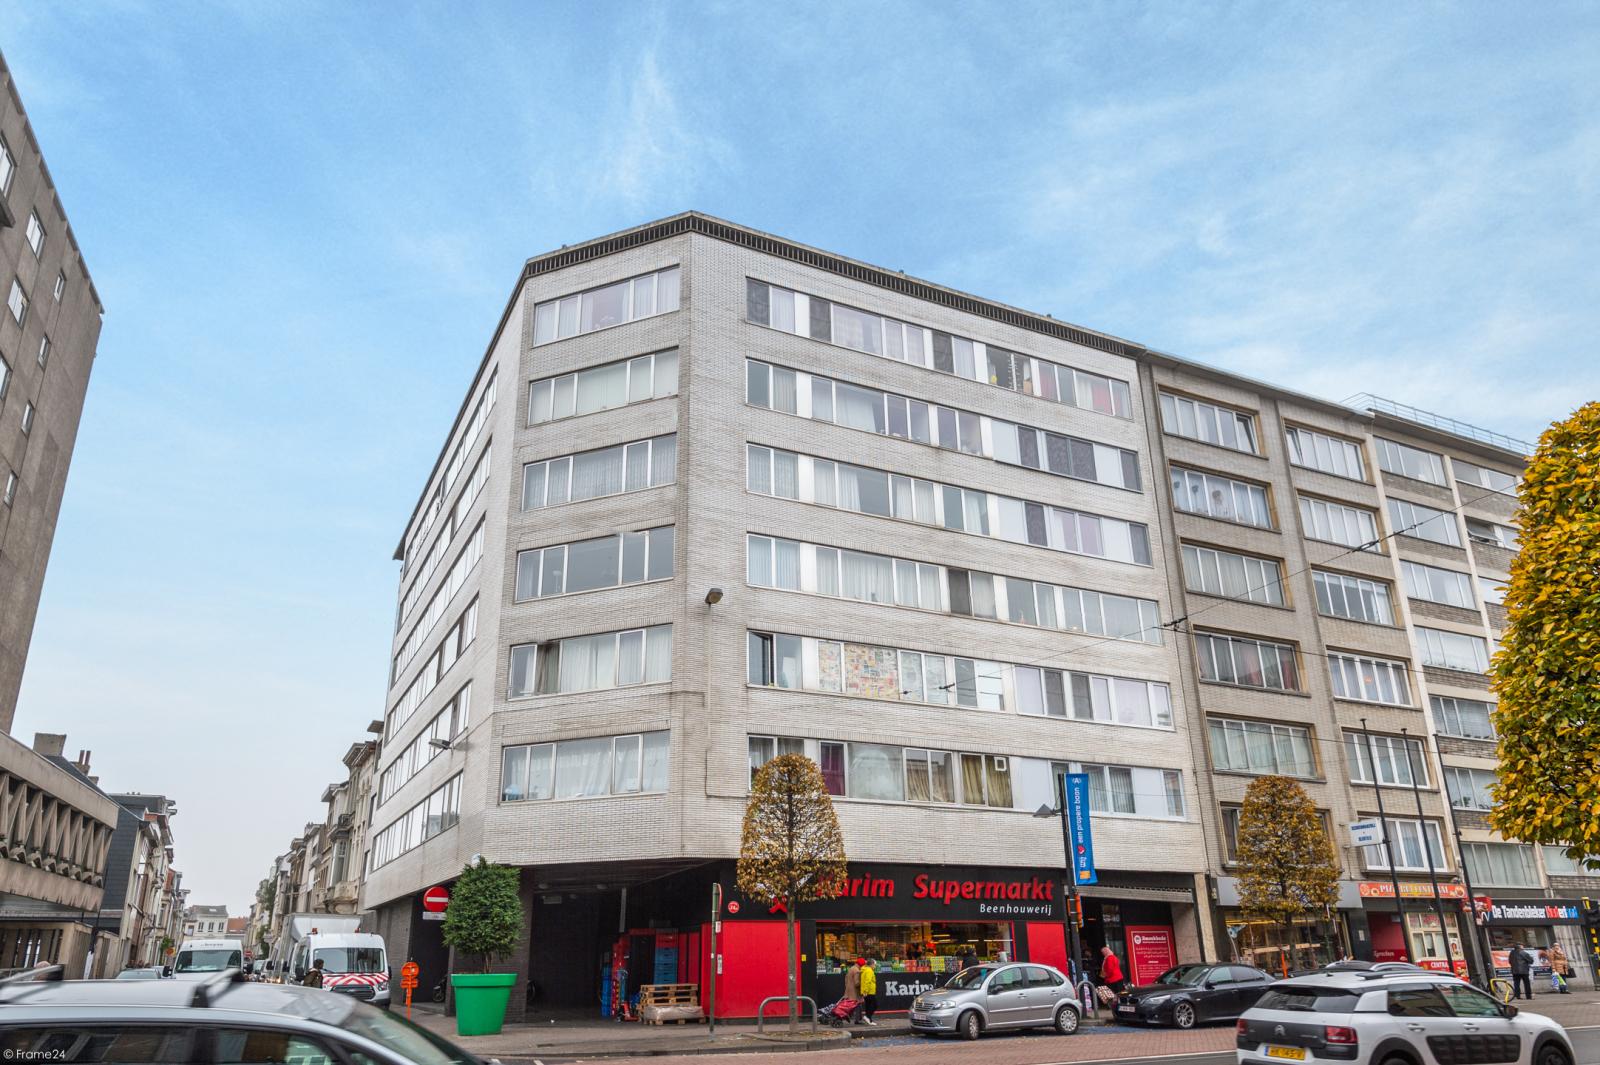 Zeer ruim appartement met uitzonderlijke terrassen en prachtig panorama over Antwerpen afbeelding 18